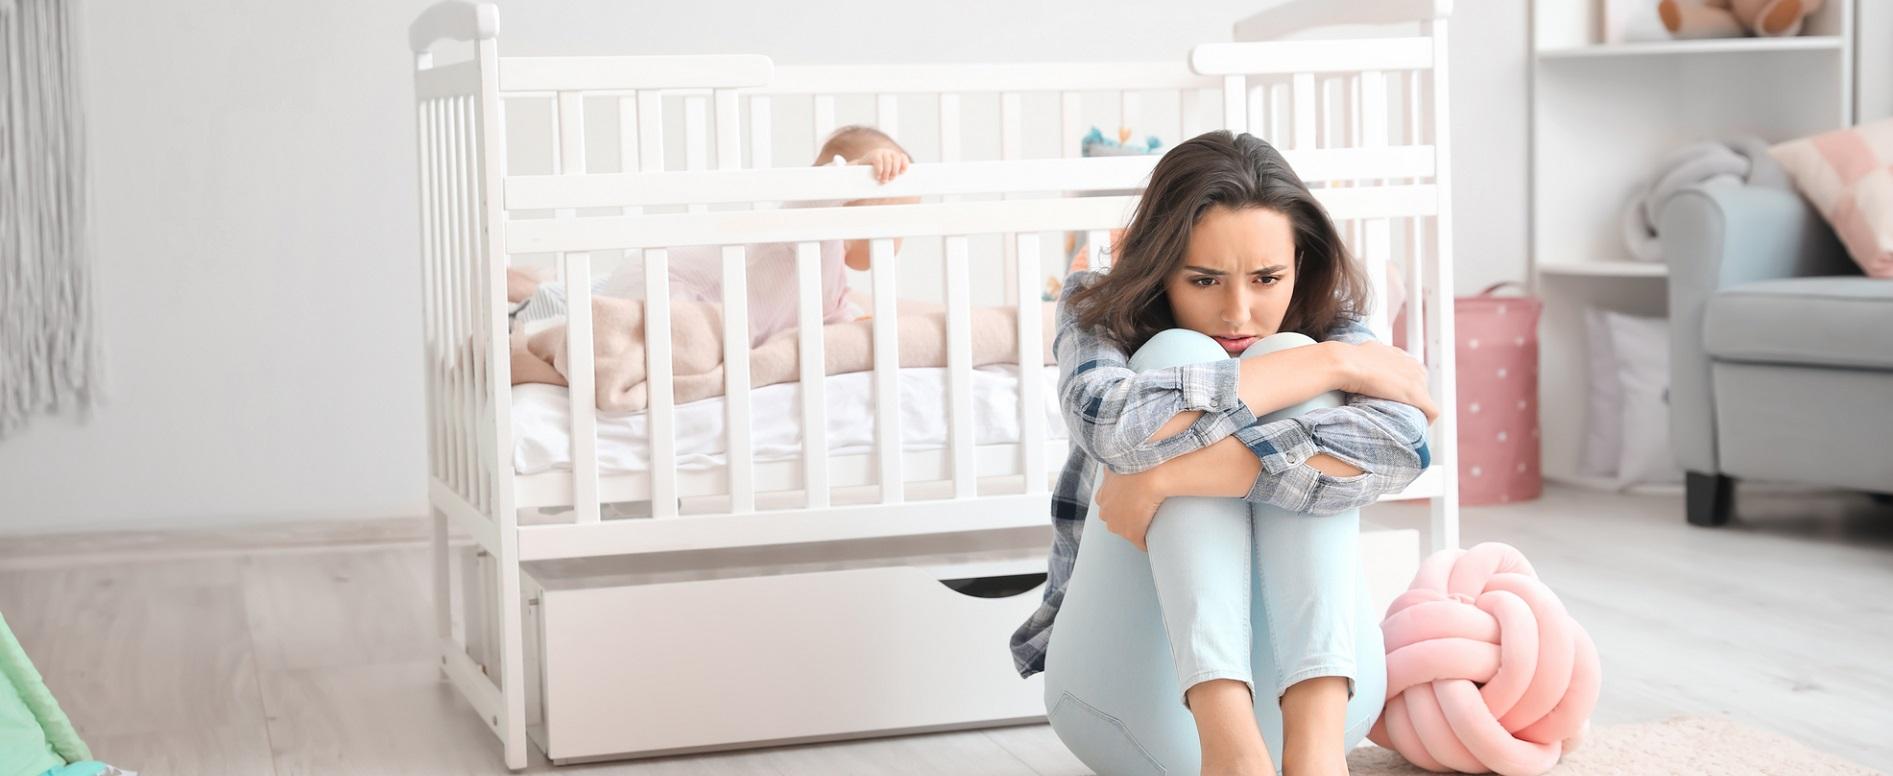 signalen postpartum depressie